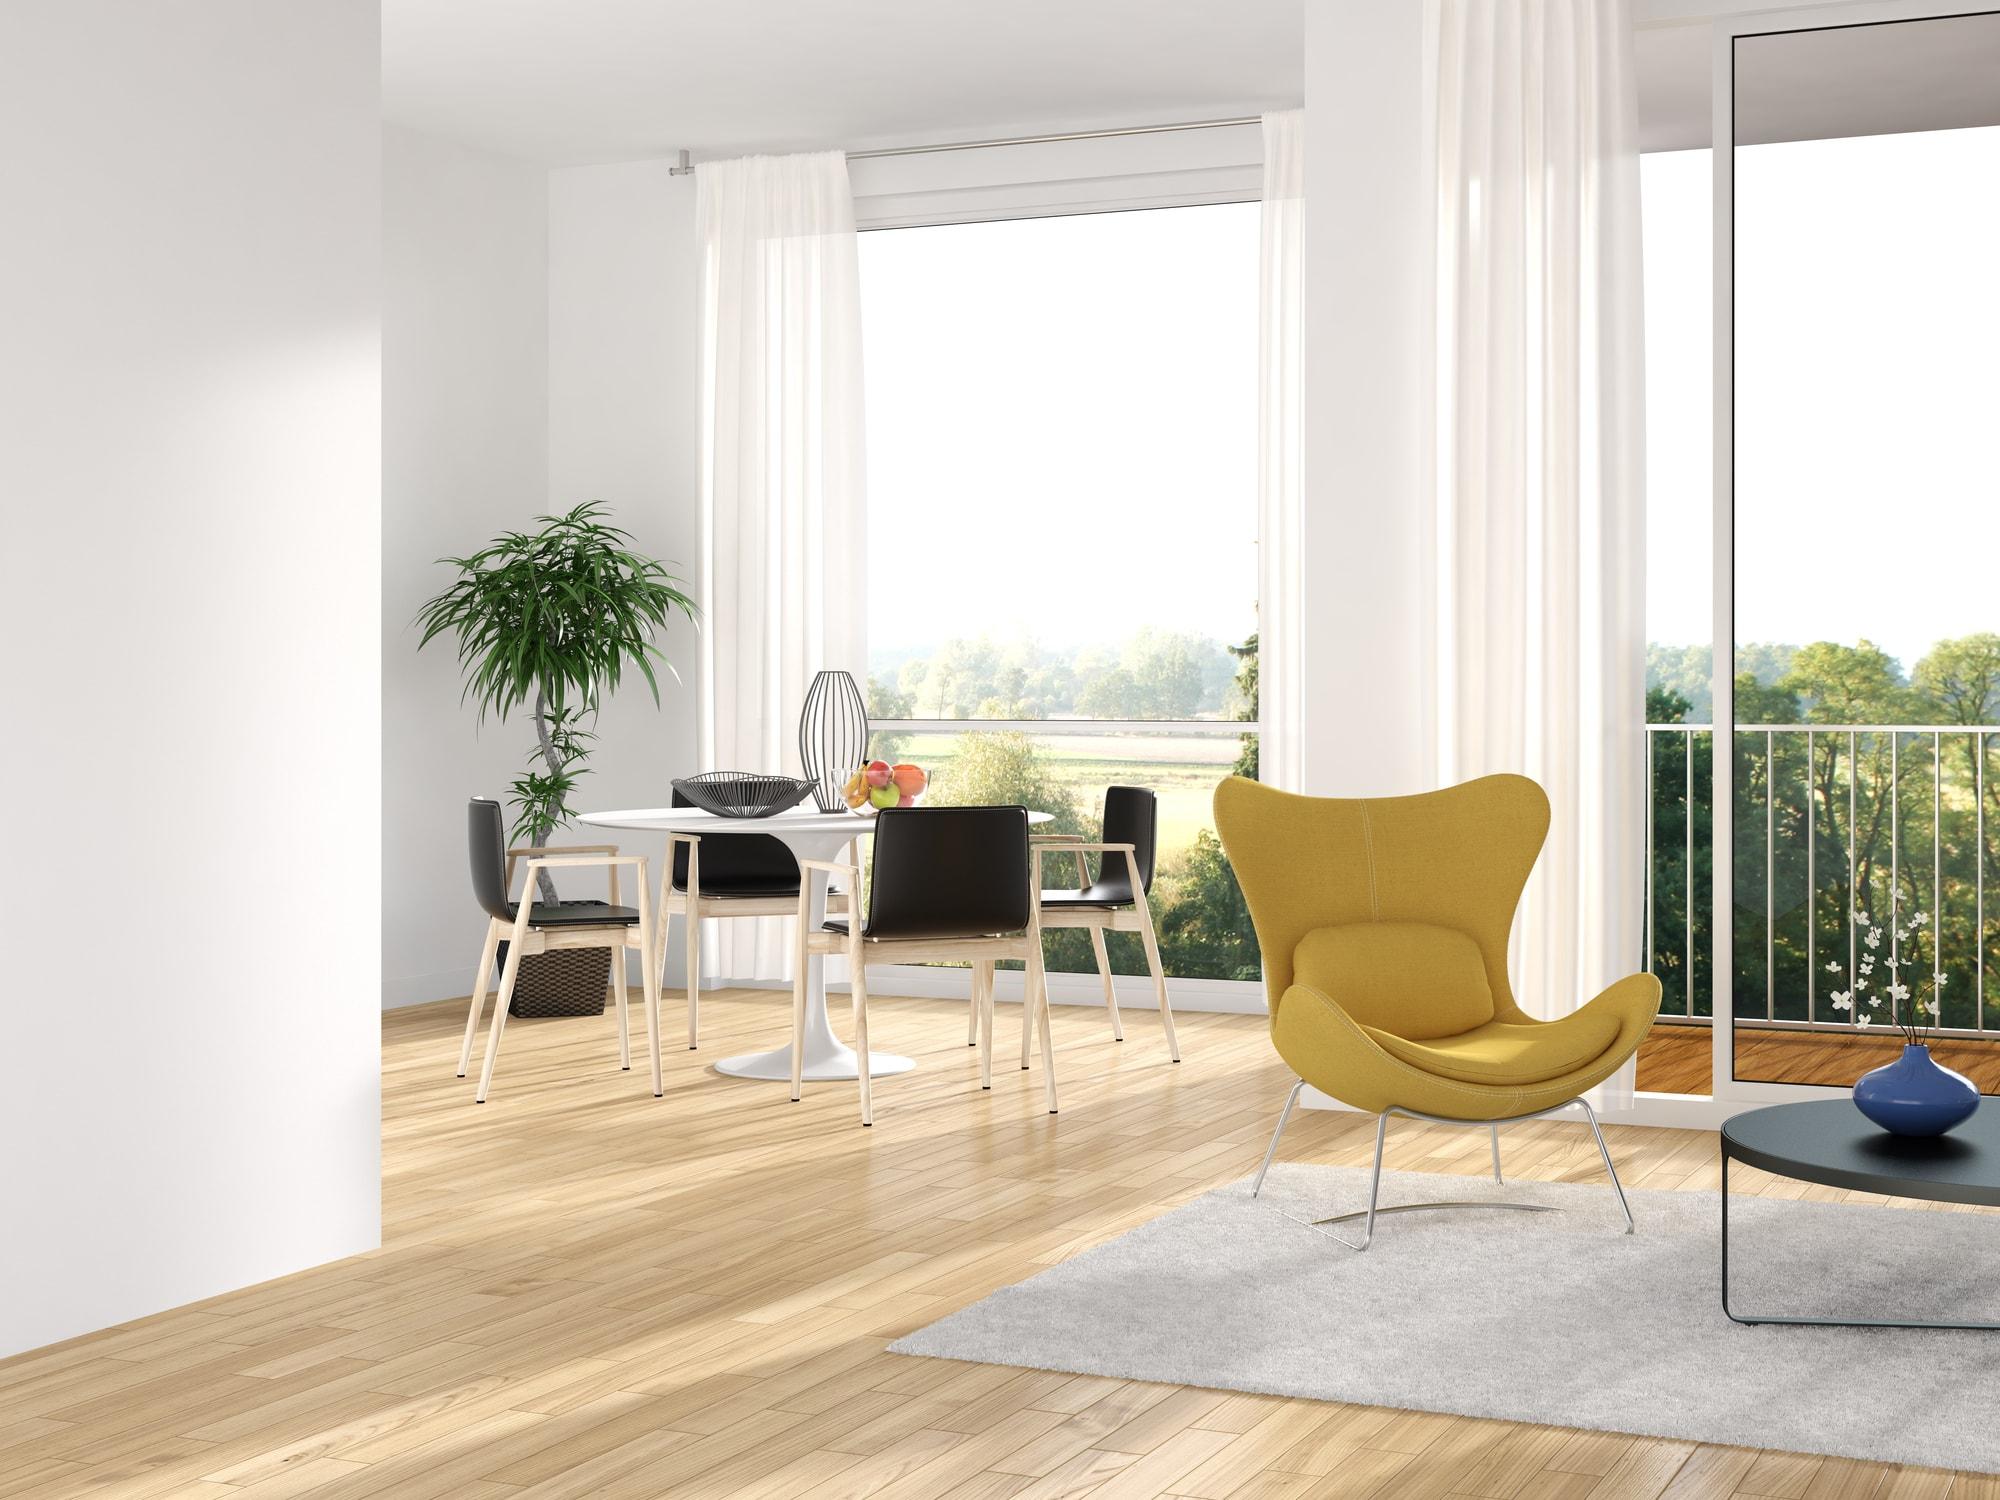 Nouvelle technologie interieur maison maison moderne for Nouvelle decoration interieur